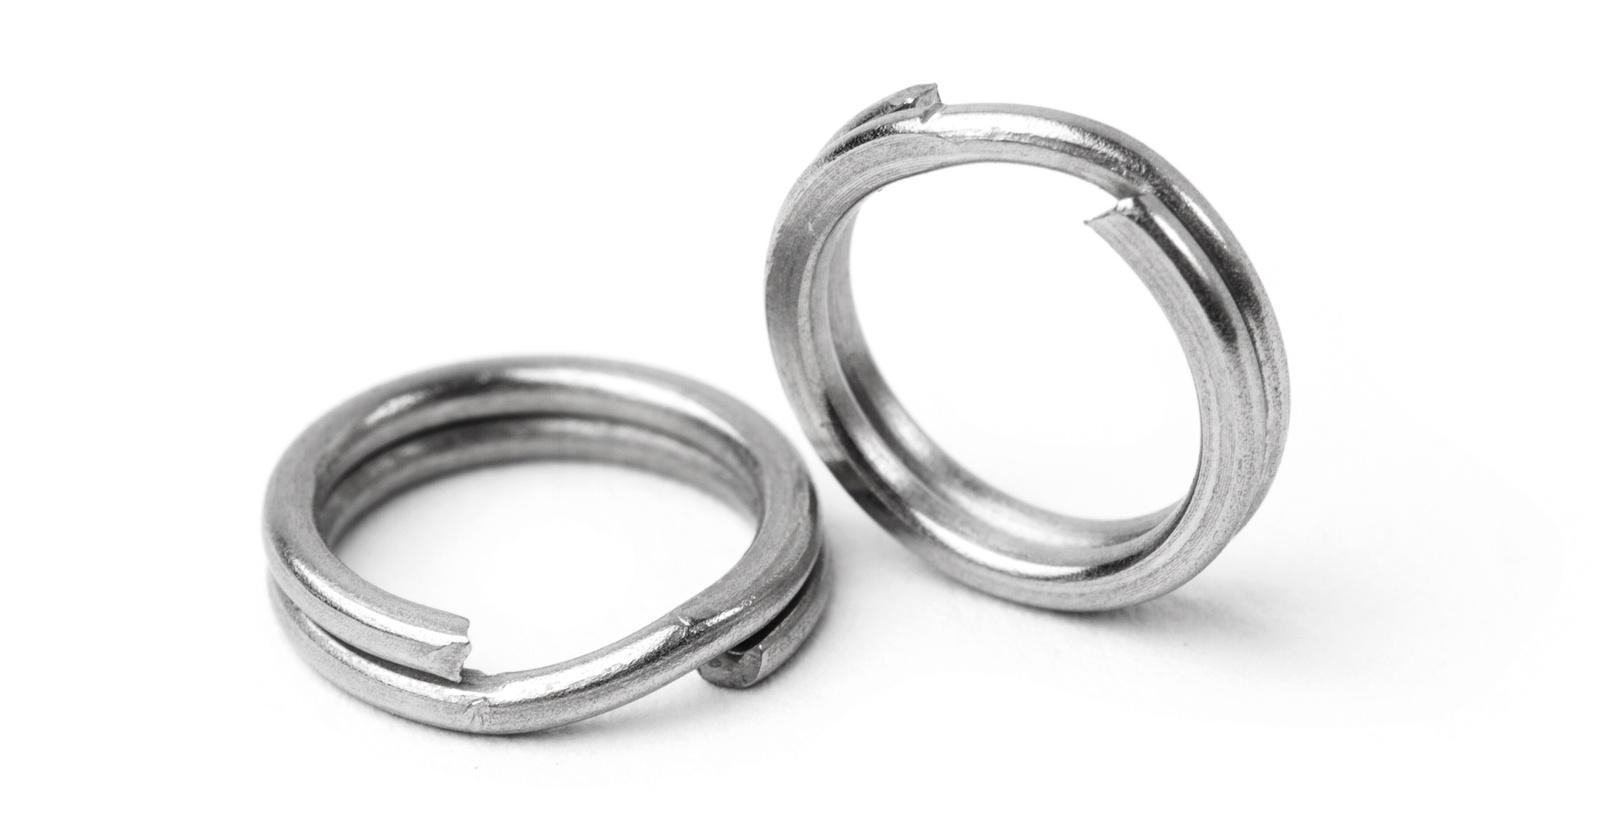 Оснастка рыболовная AGP заводные кольца, серый, темно-серый, серый металлик, светло-серый